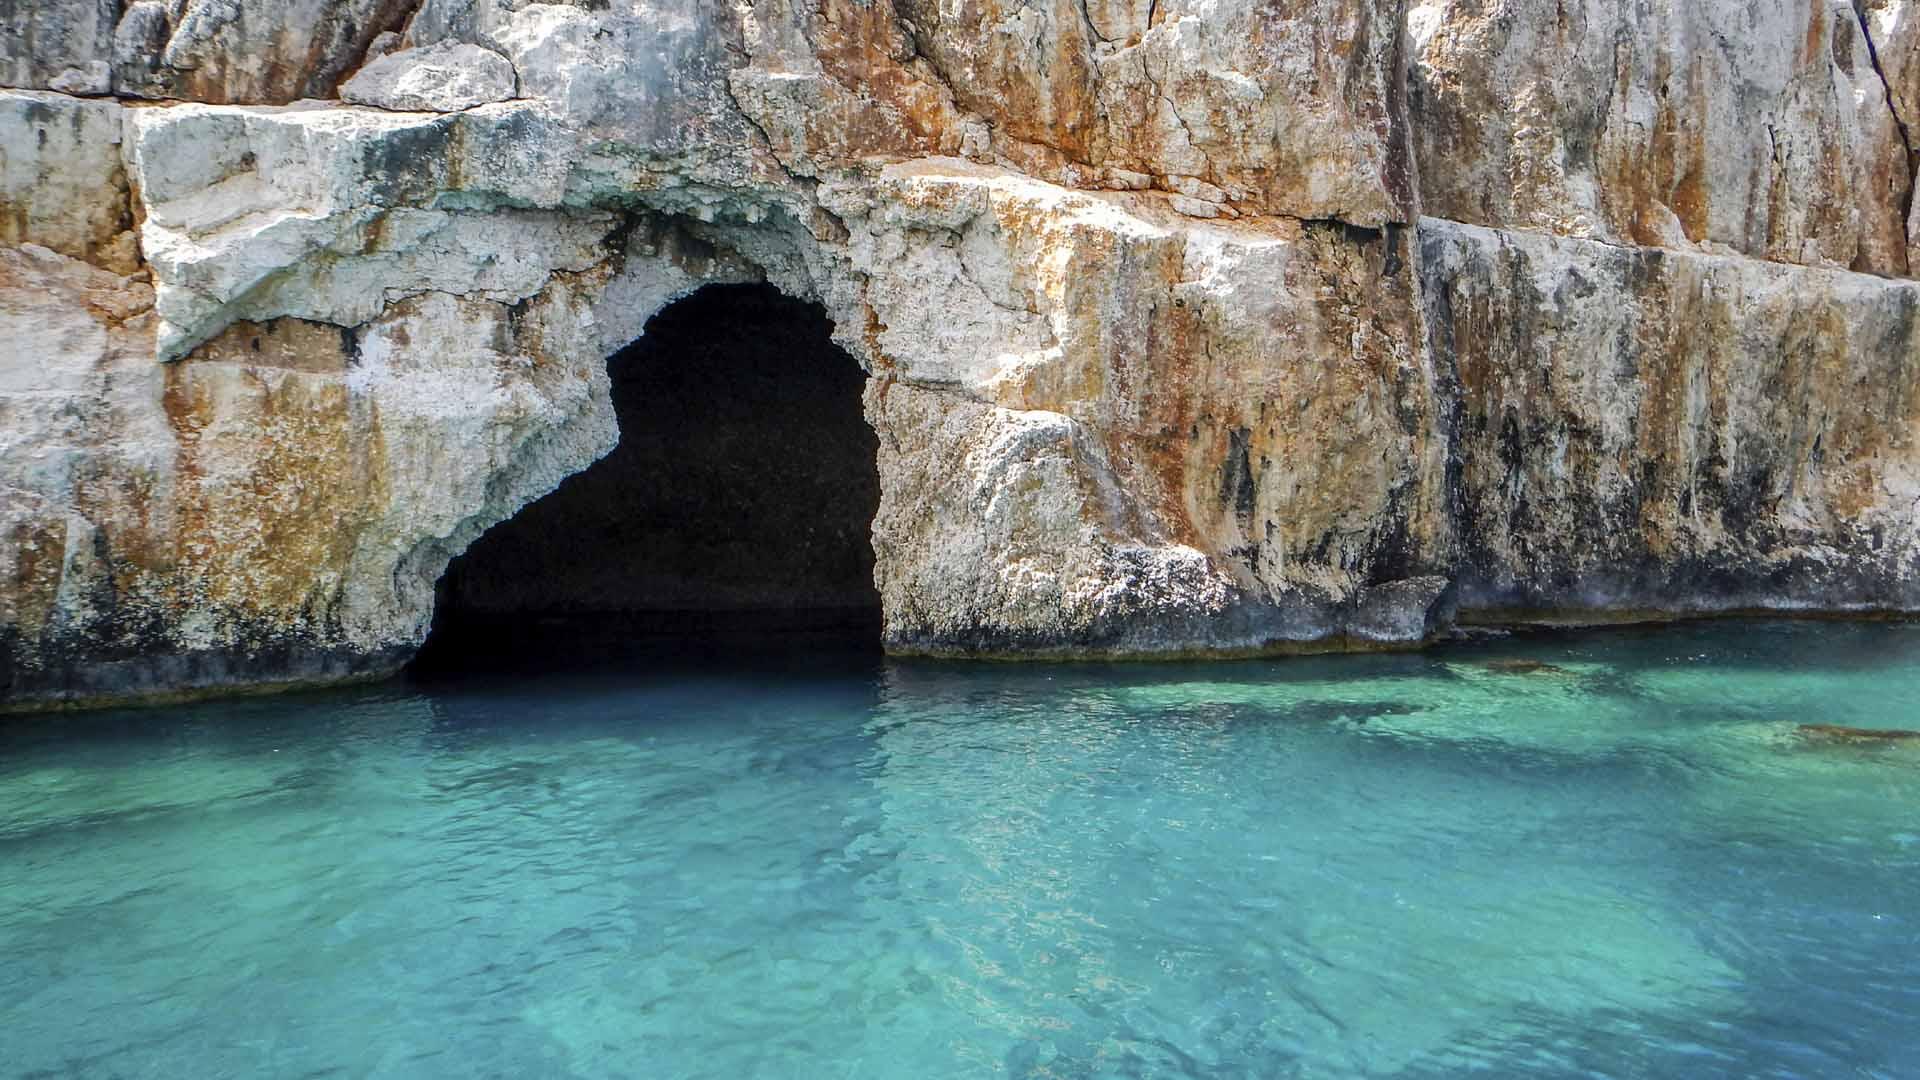 Bajo las paredes rocosas se encuentran espectaculares playas